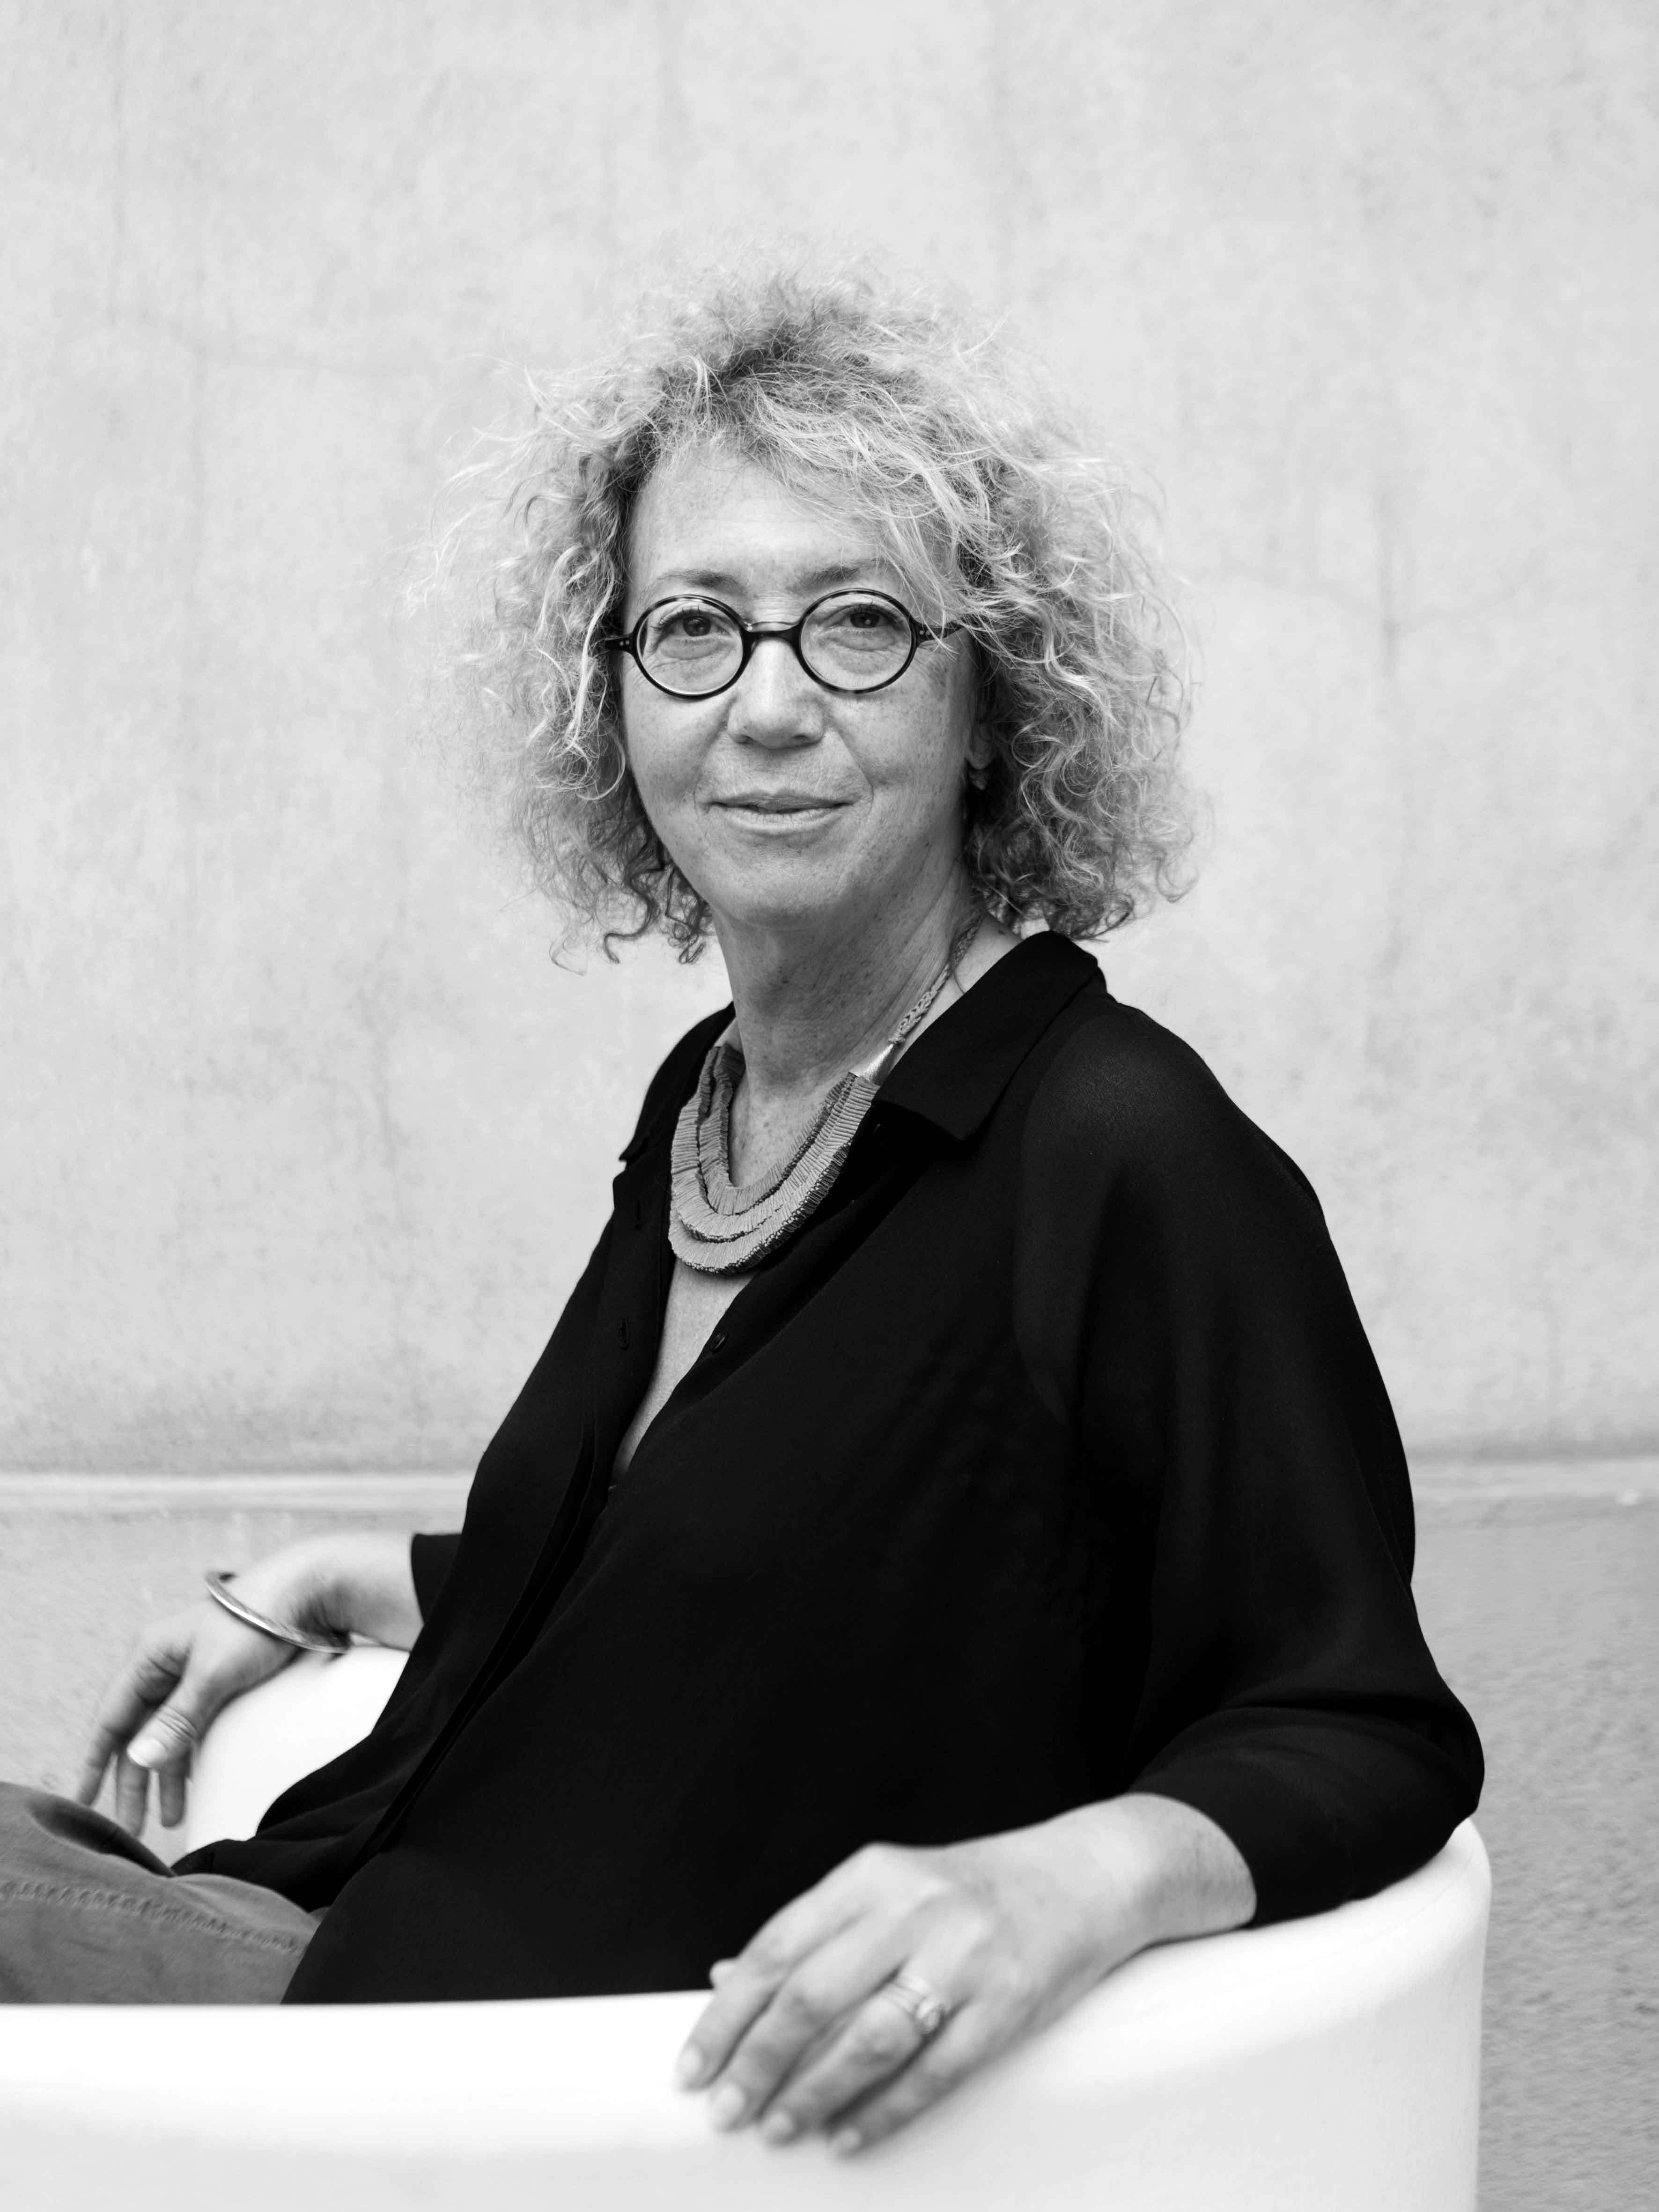 autour de son nouveau roman Ceux qui partent, paru aux éditions Actes Sud.